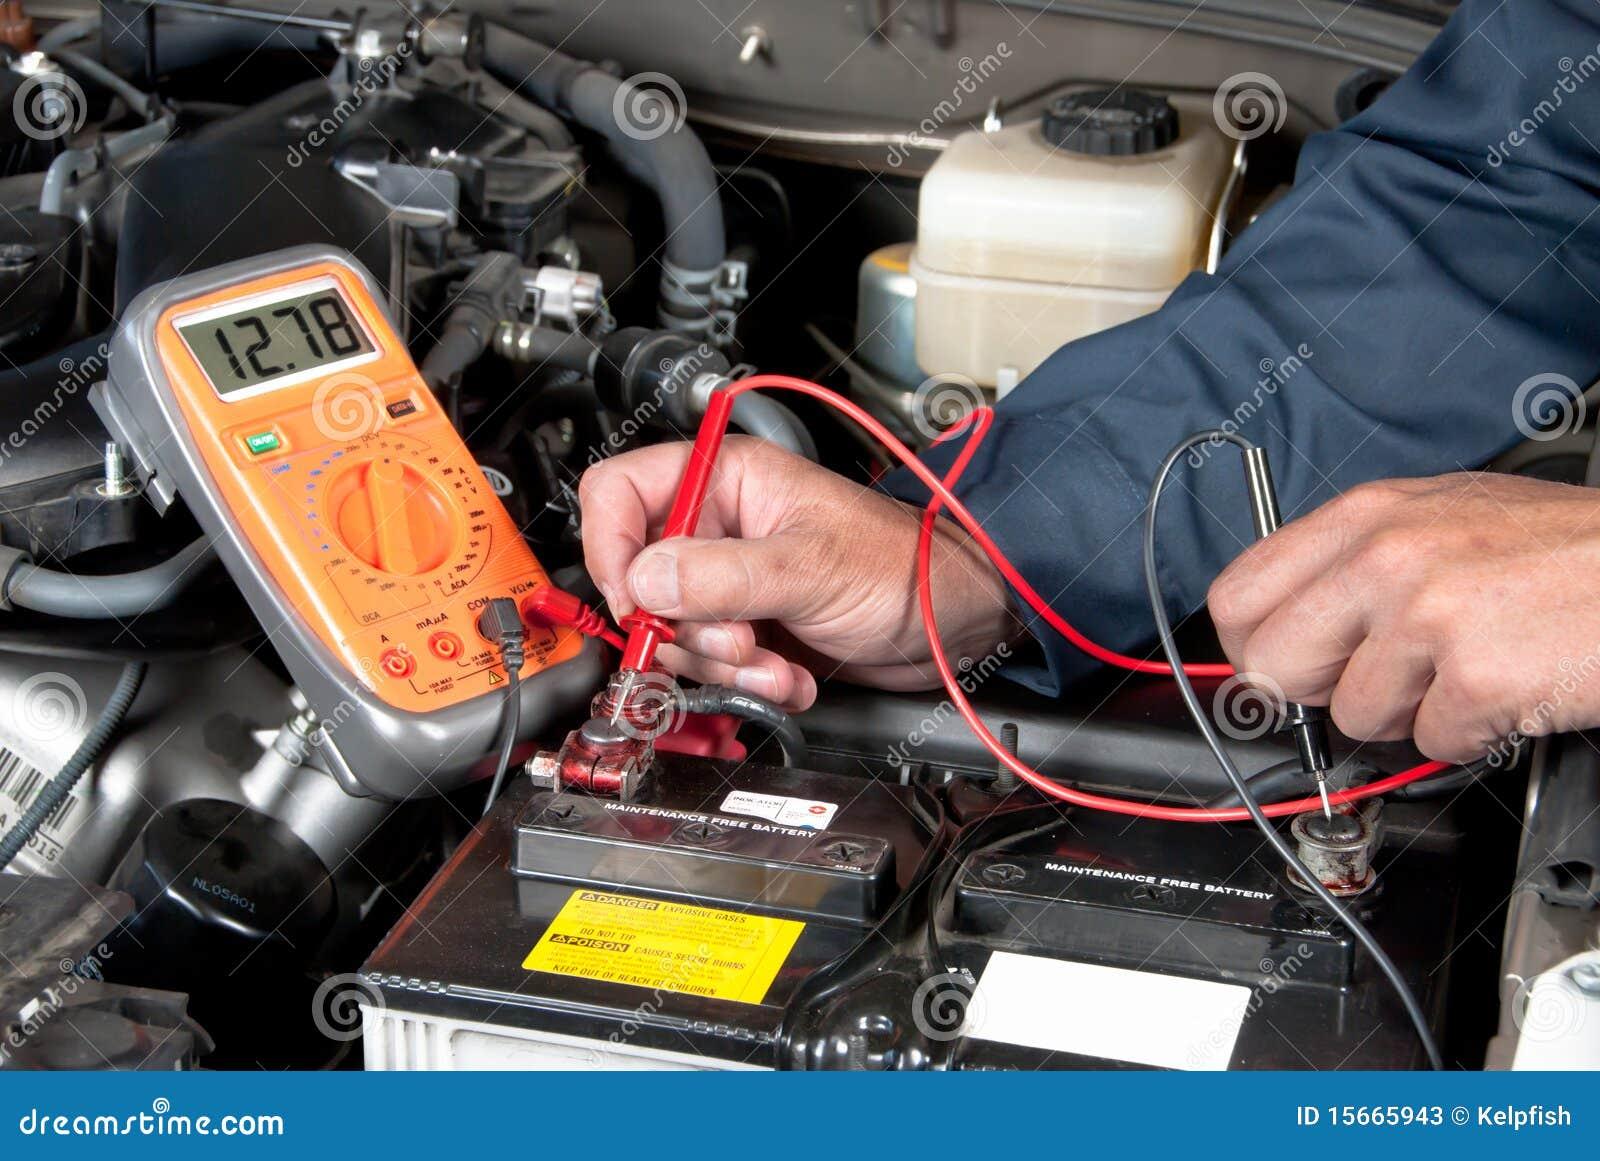 Meccanico automatico che controlla tensione accumulatore per di automobile